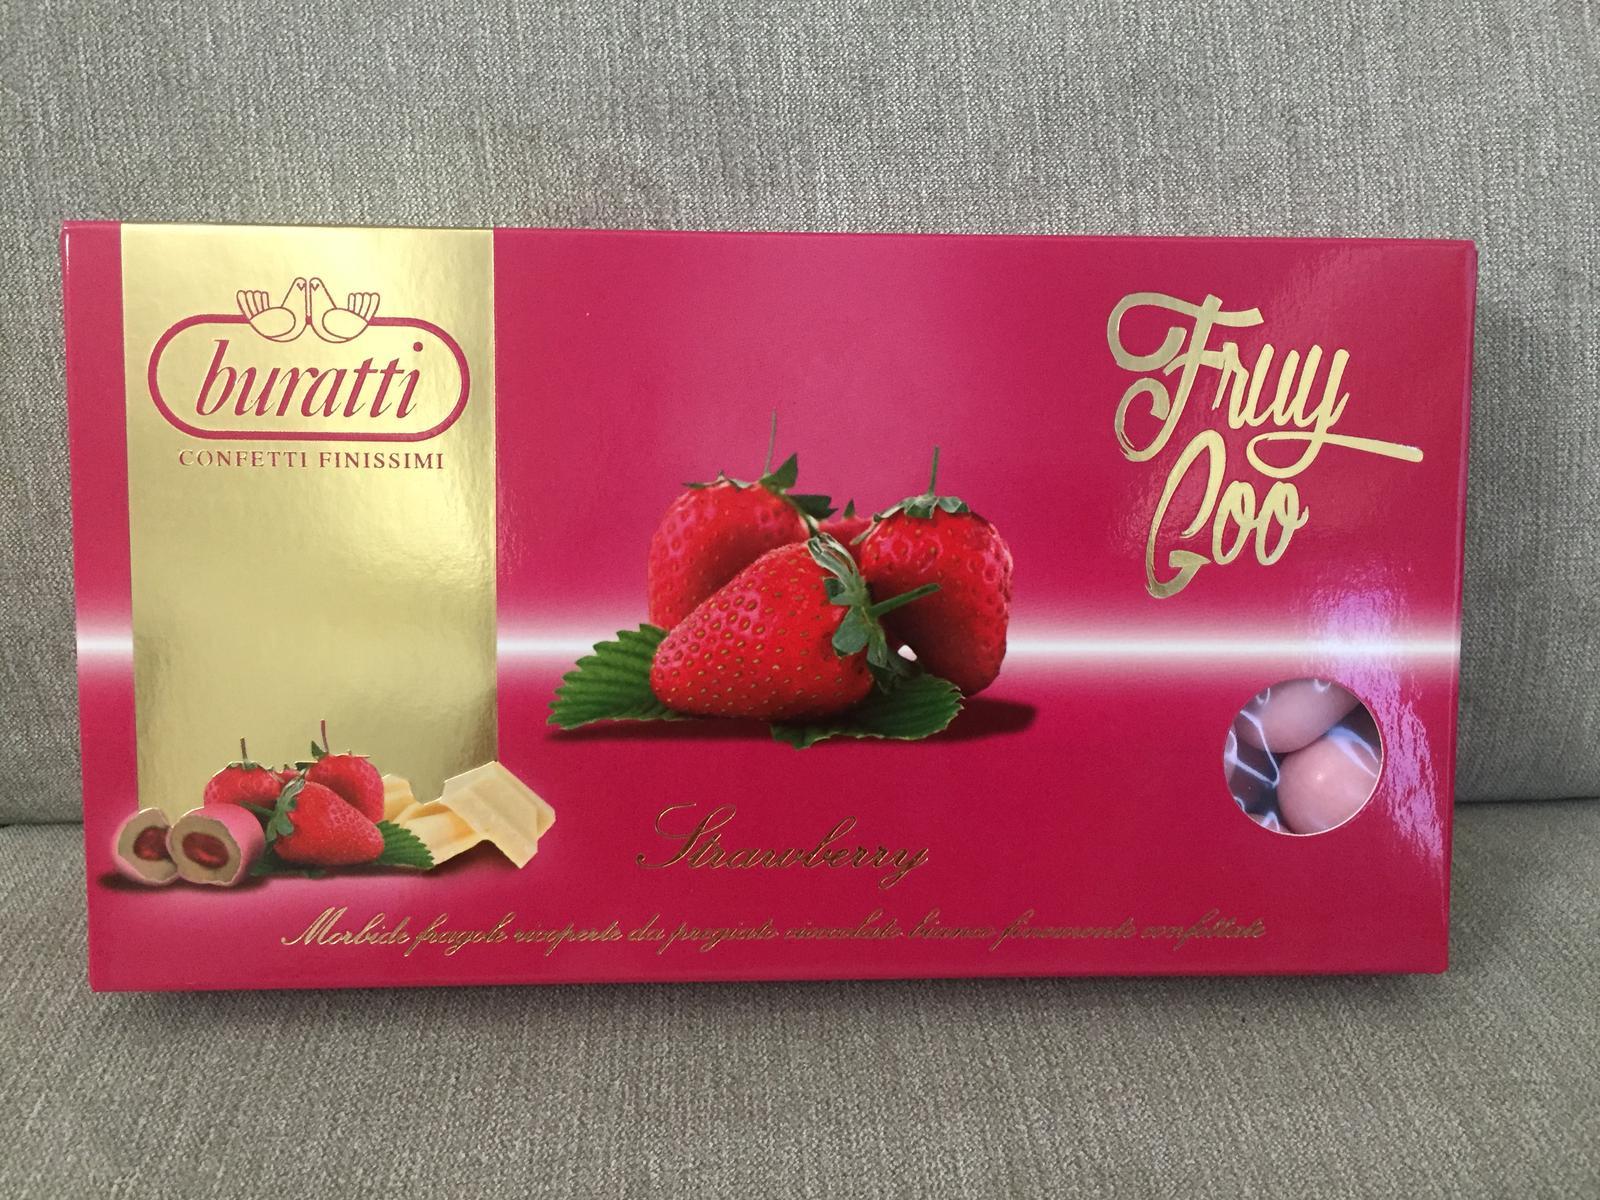 Jahody v bielej čokoláde potiahnuté ružovým cukrom - Obrázok č. 1